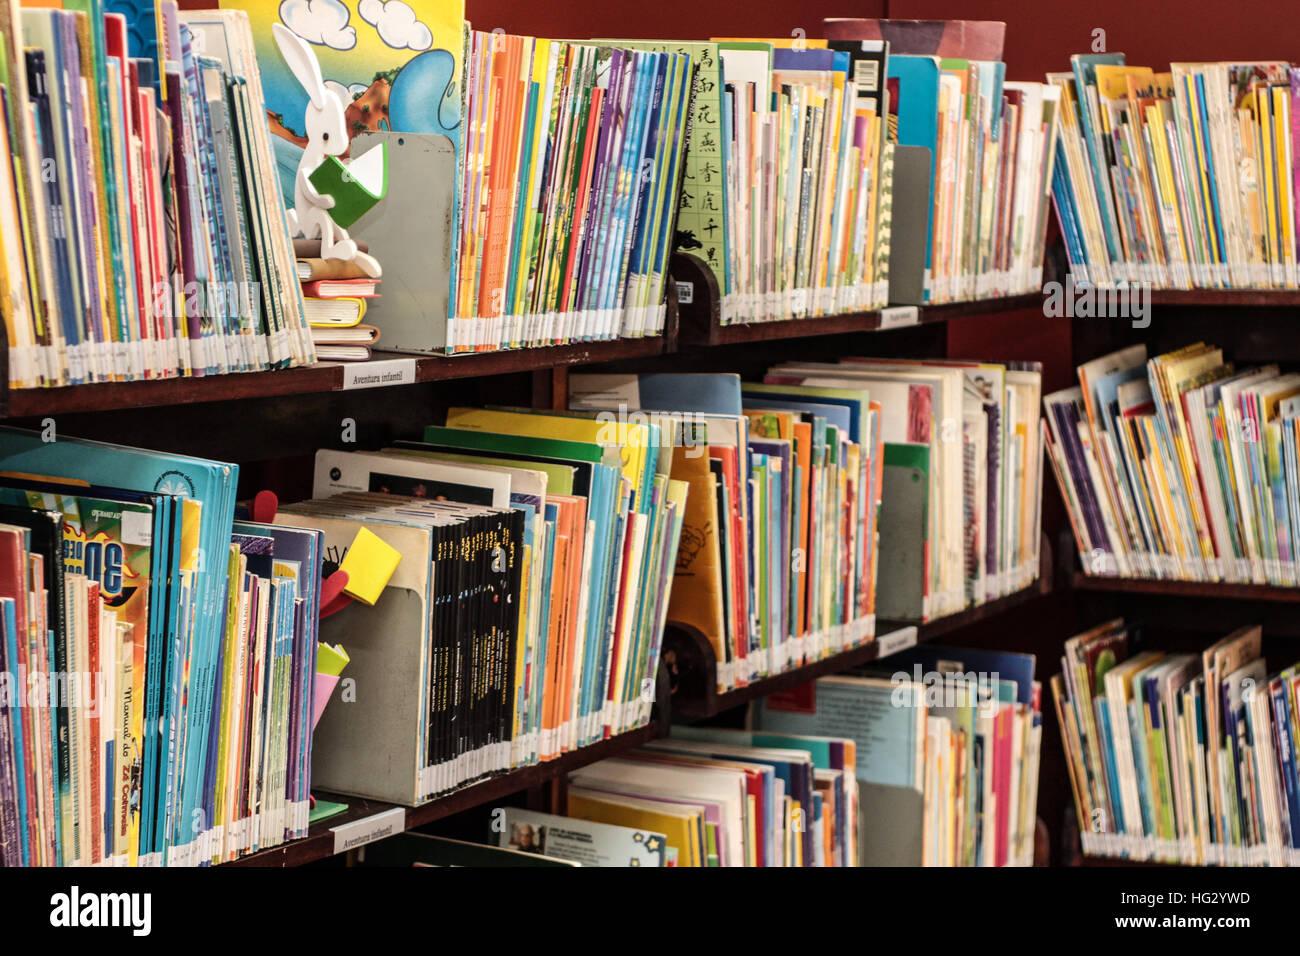 Una estantería de libros variados con un conejito en una biblioteca infantil. Imagen De Stock